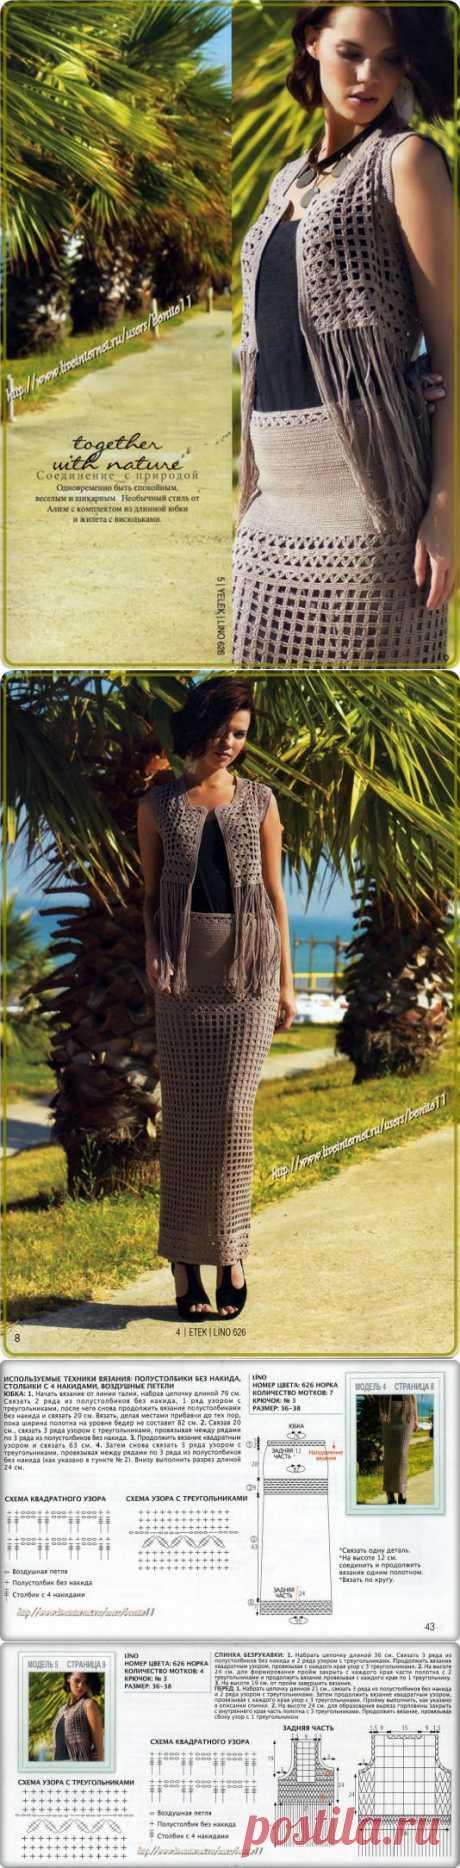 Необычный стиль от Ализе-комплект из длинной юбки и жилета с висюльками....